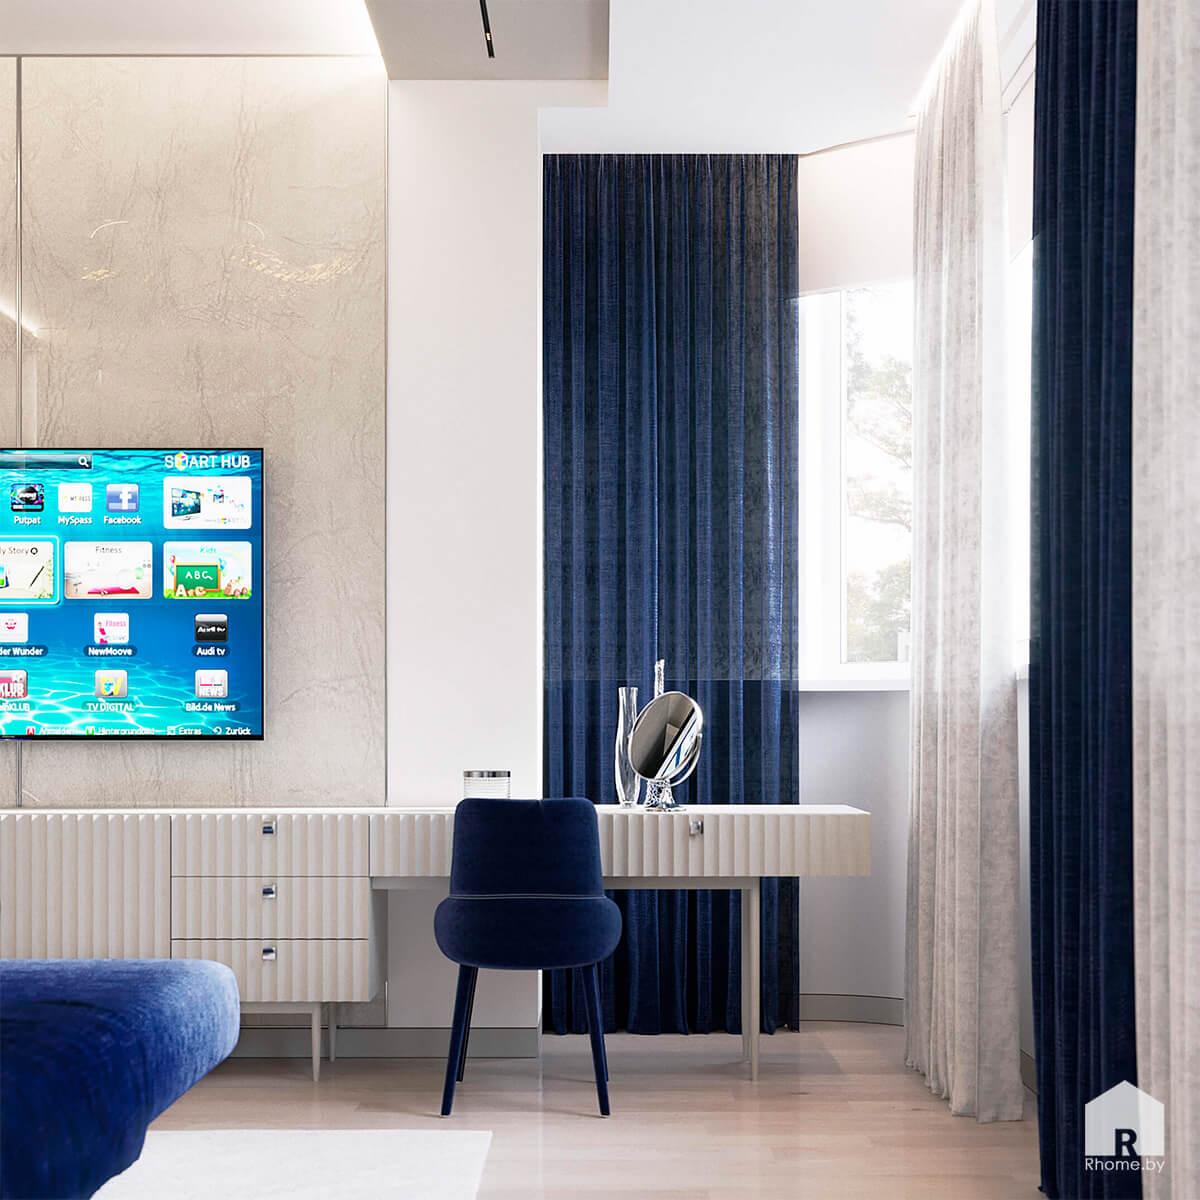 Квартира в Москве. Туалетный столик в бело-синей спальне